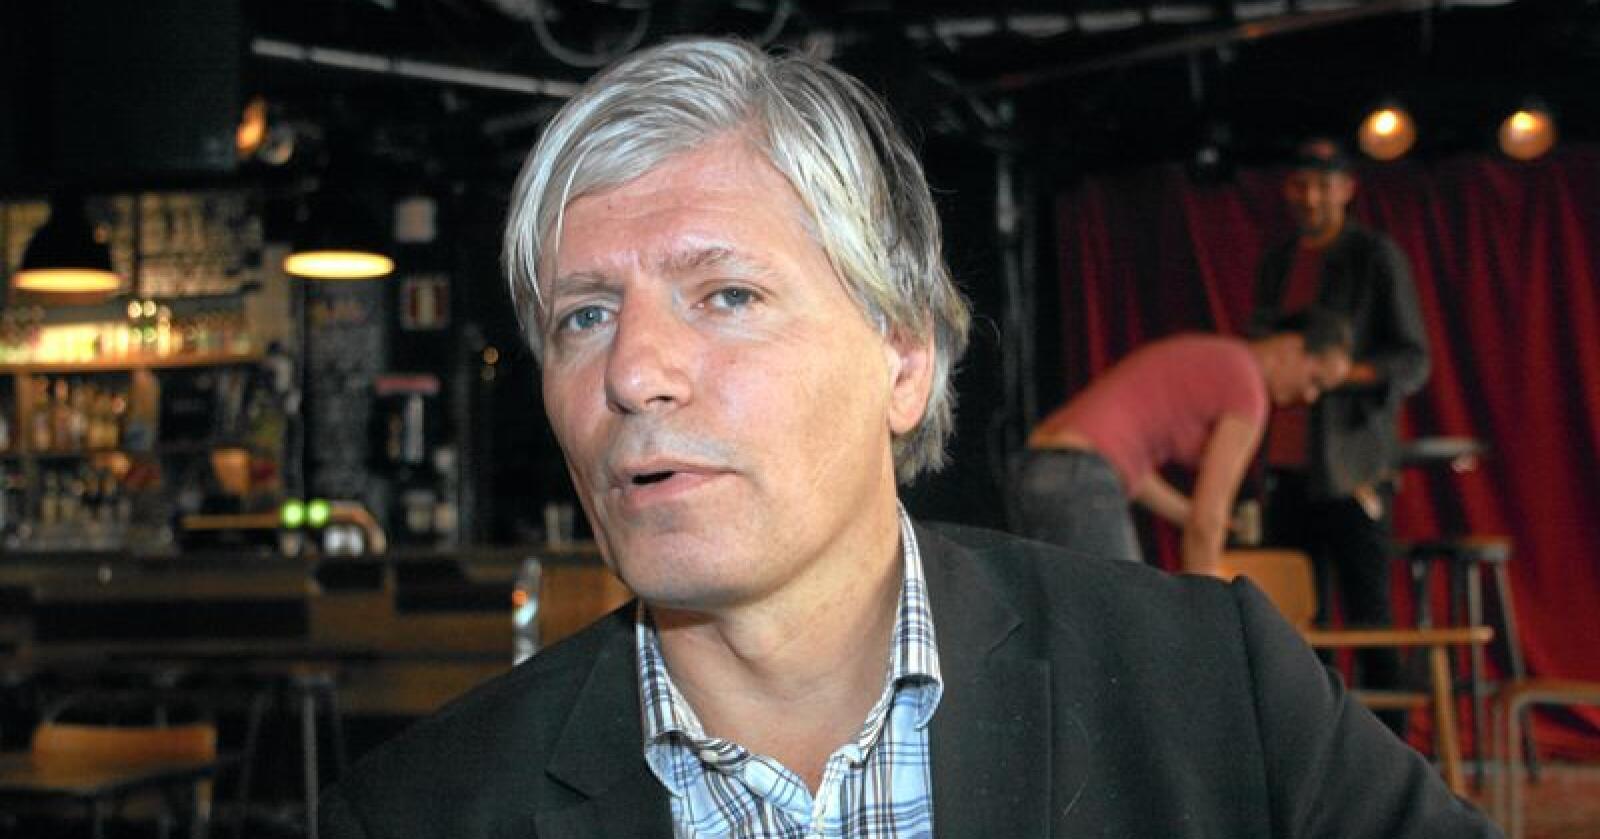 Statsråd Ola Elvestuen (V) ble utfordret om rovviltnemnder i Stortinget onsdag. Foto: Bjarne Bekkeheien Aase